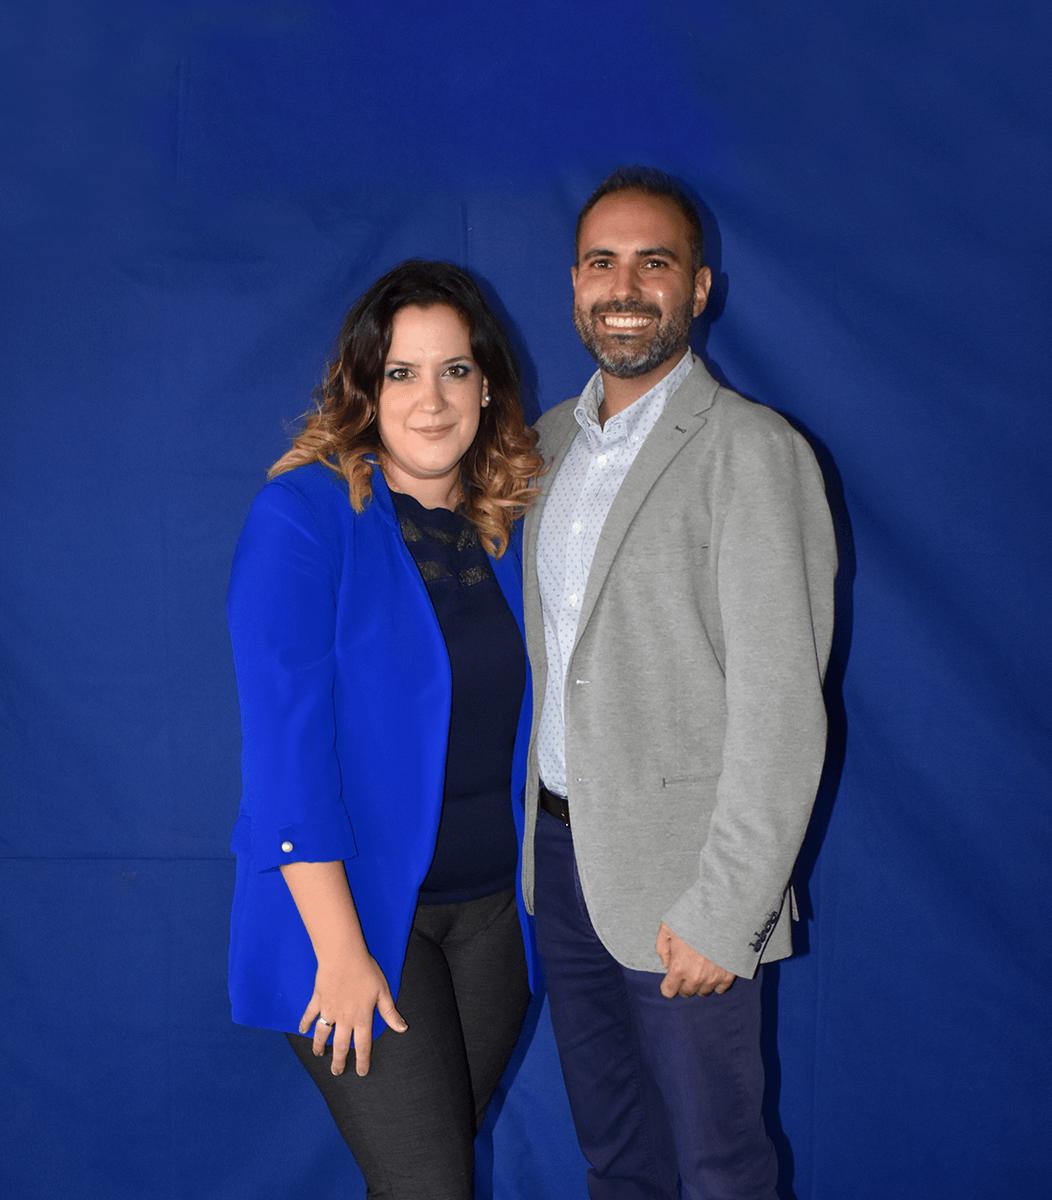 Borja Baena y Alejandra Morquilla   Centro de Vida Cristiana